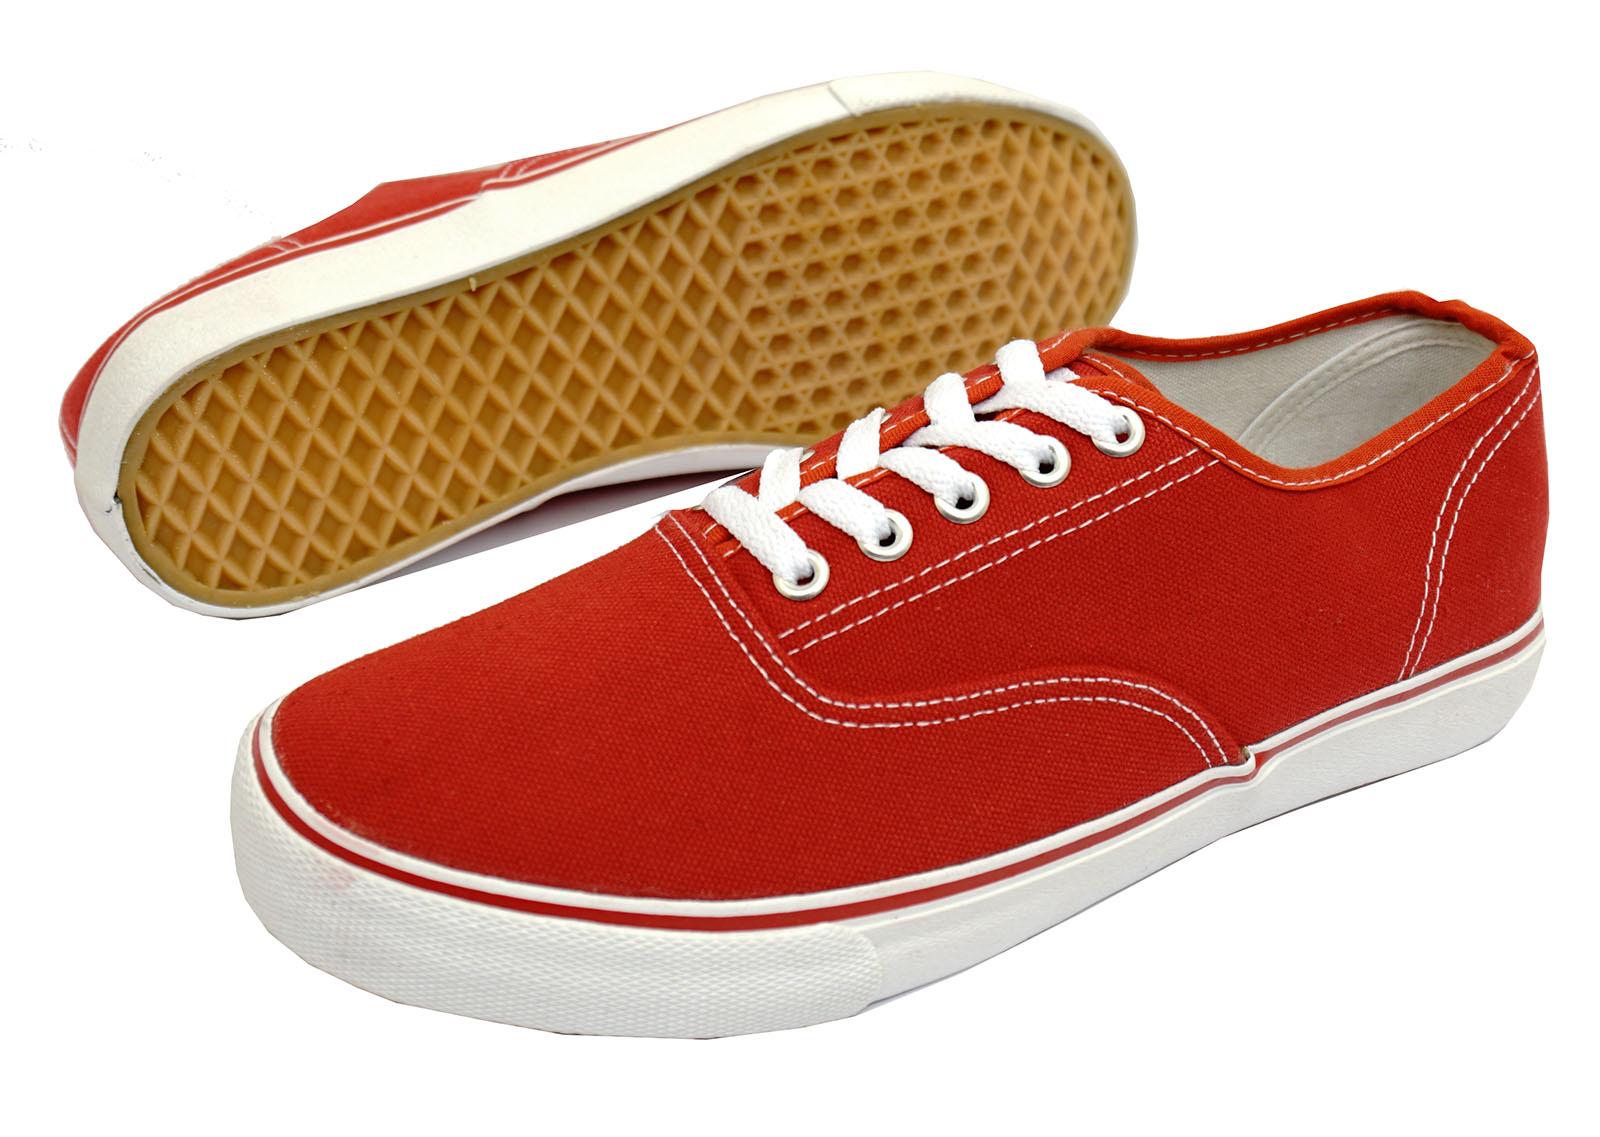 Para Hombre con Cordones de Lona Rojo Bombas Zapatos Casuales Zapatillas De Tenis plano entrenador cómoda UK 6-11